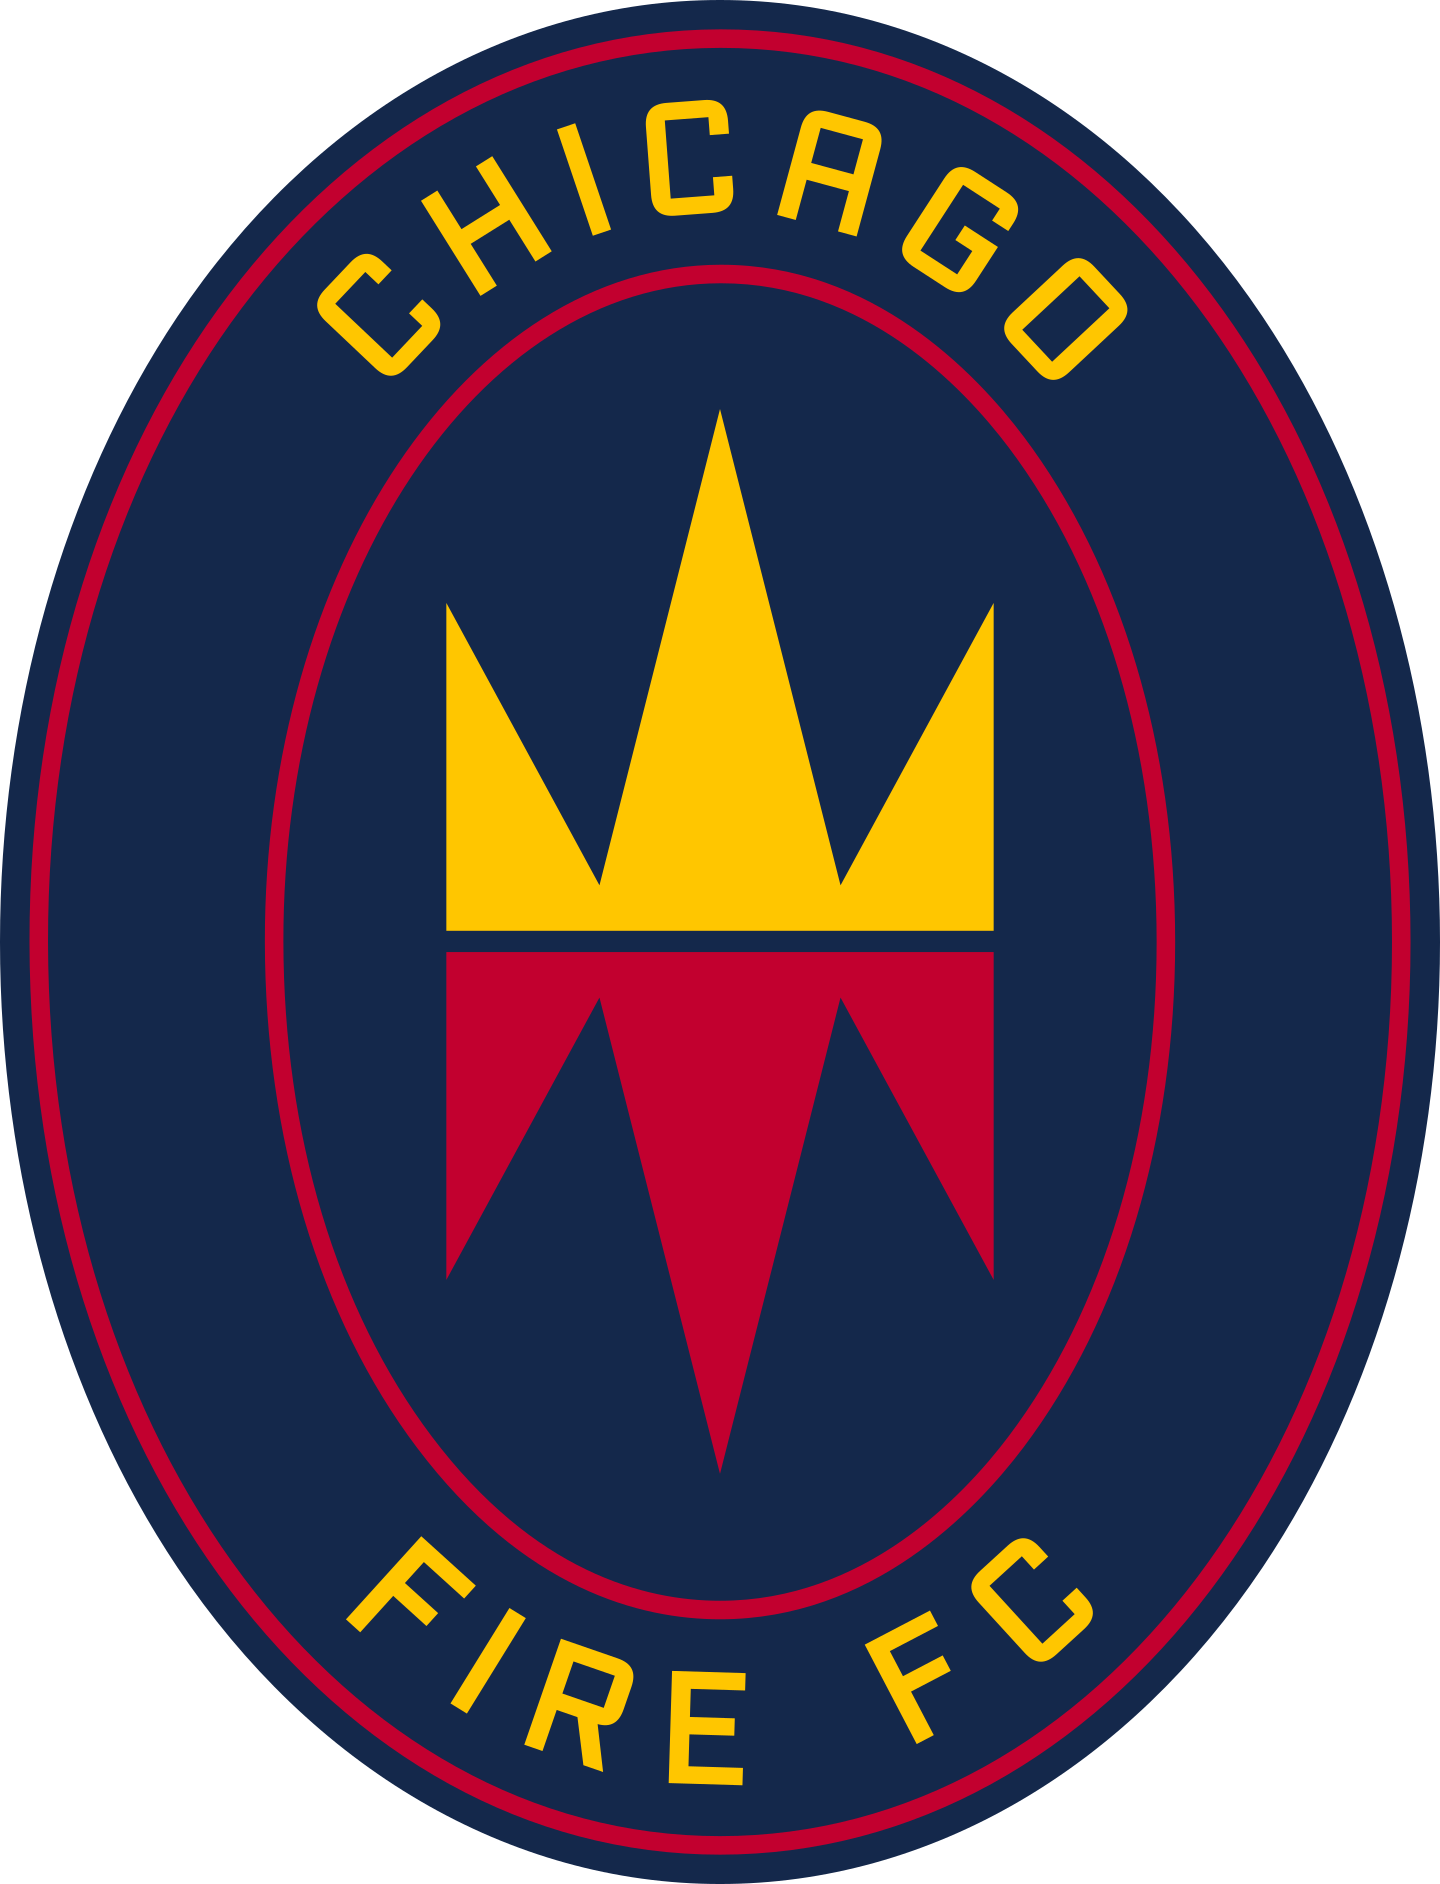 chicago fire logo 2 - Chicago Fire FC Logo